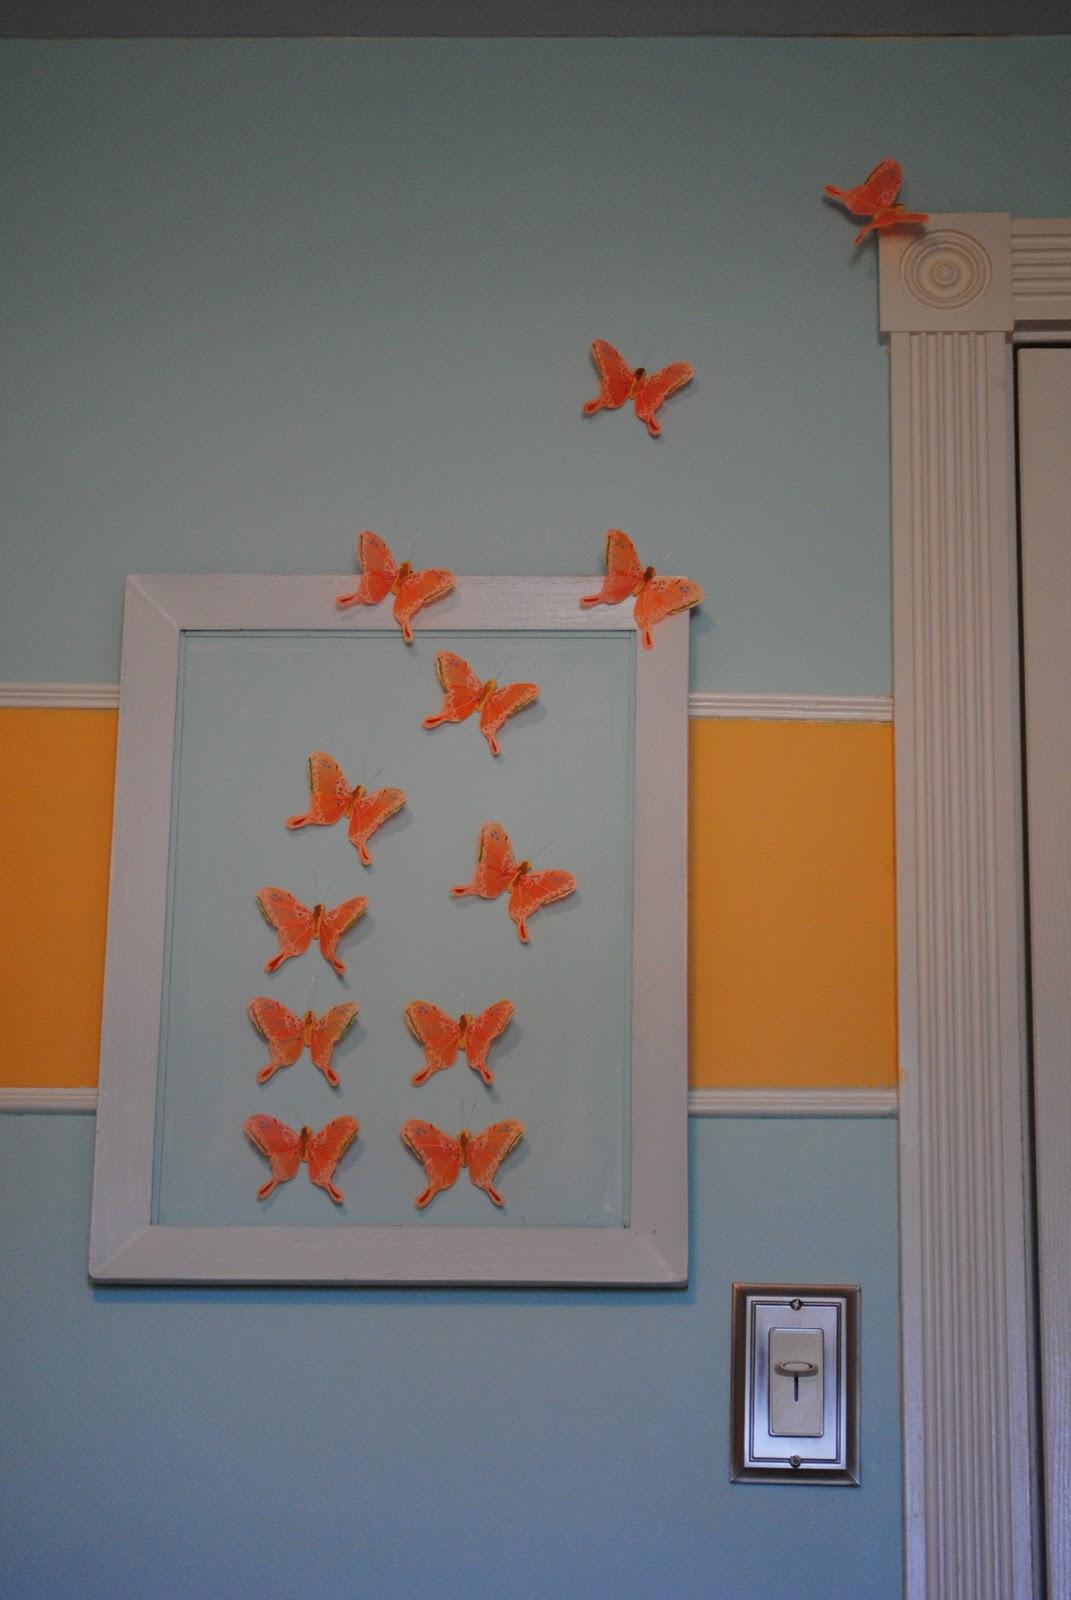 Nursery Wall Decor Butterflies : Diy butterfly wall art nursery decor making lemonade